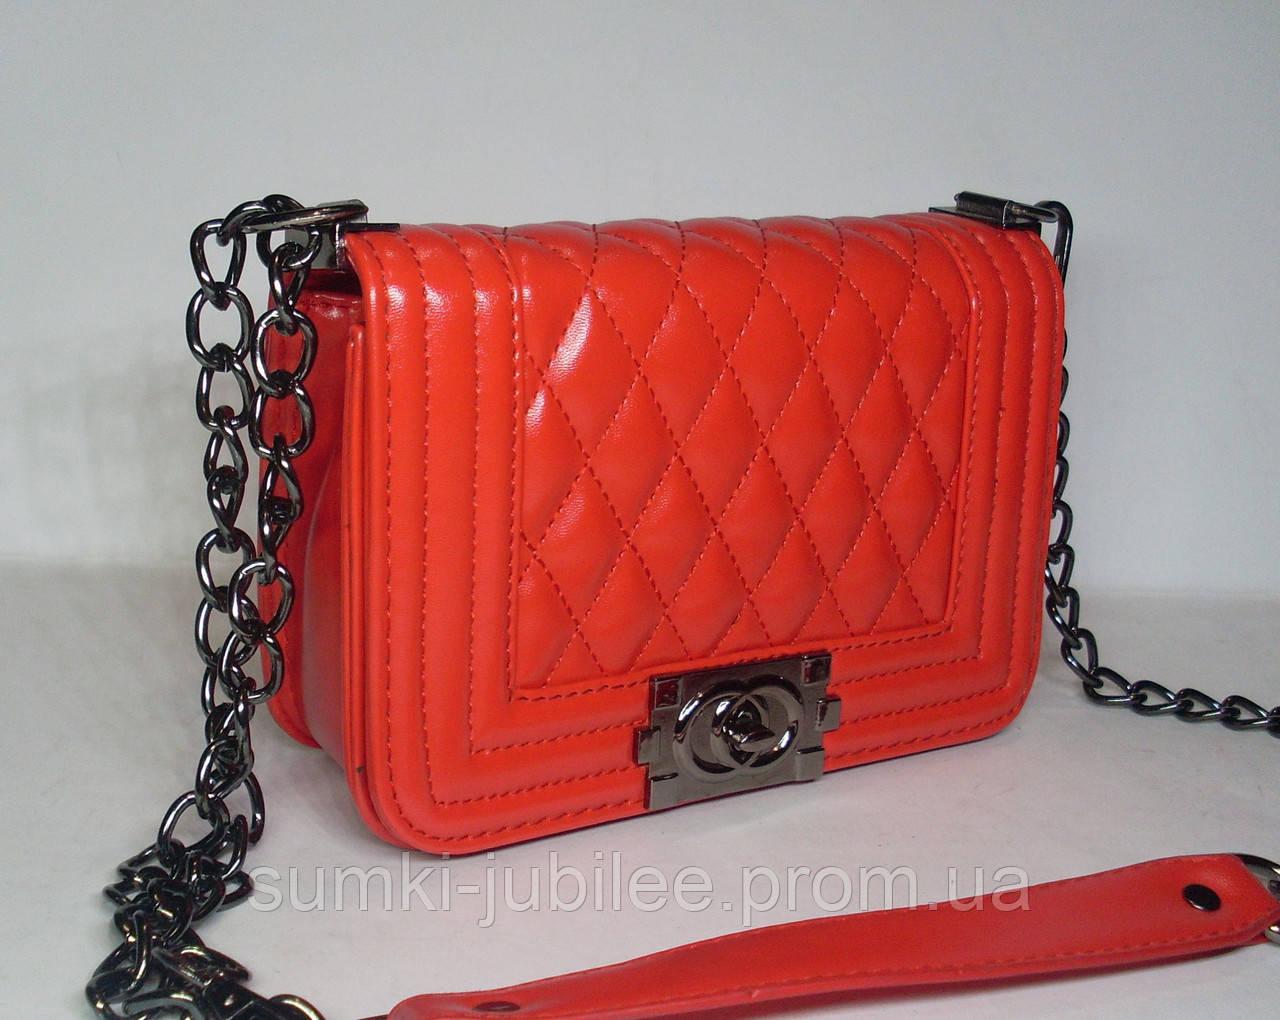 072e7fea43c1 Женский маленкий клатч Шанель кораллового цвета - Интернет-магазин